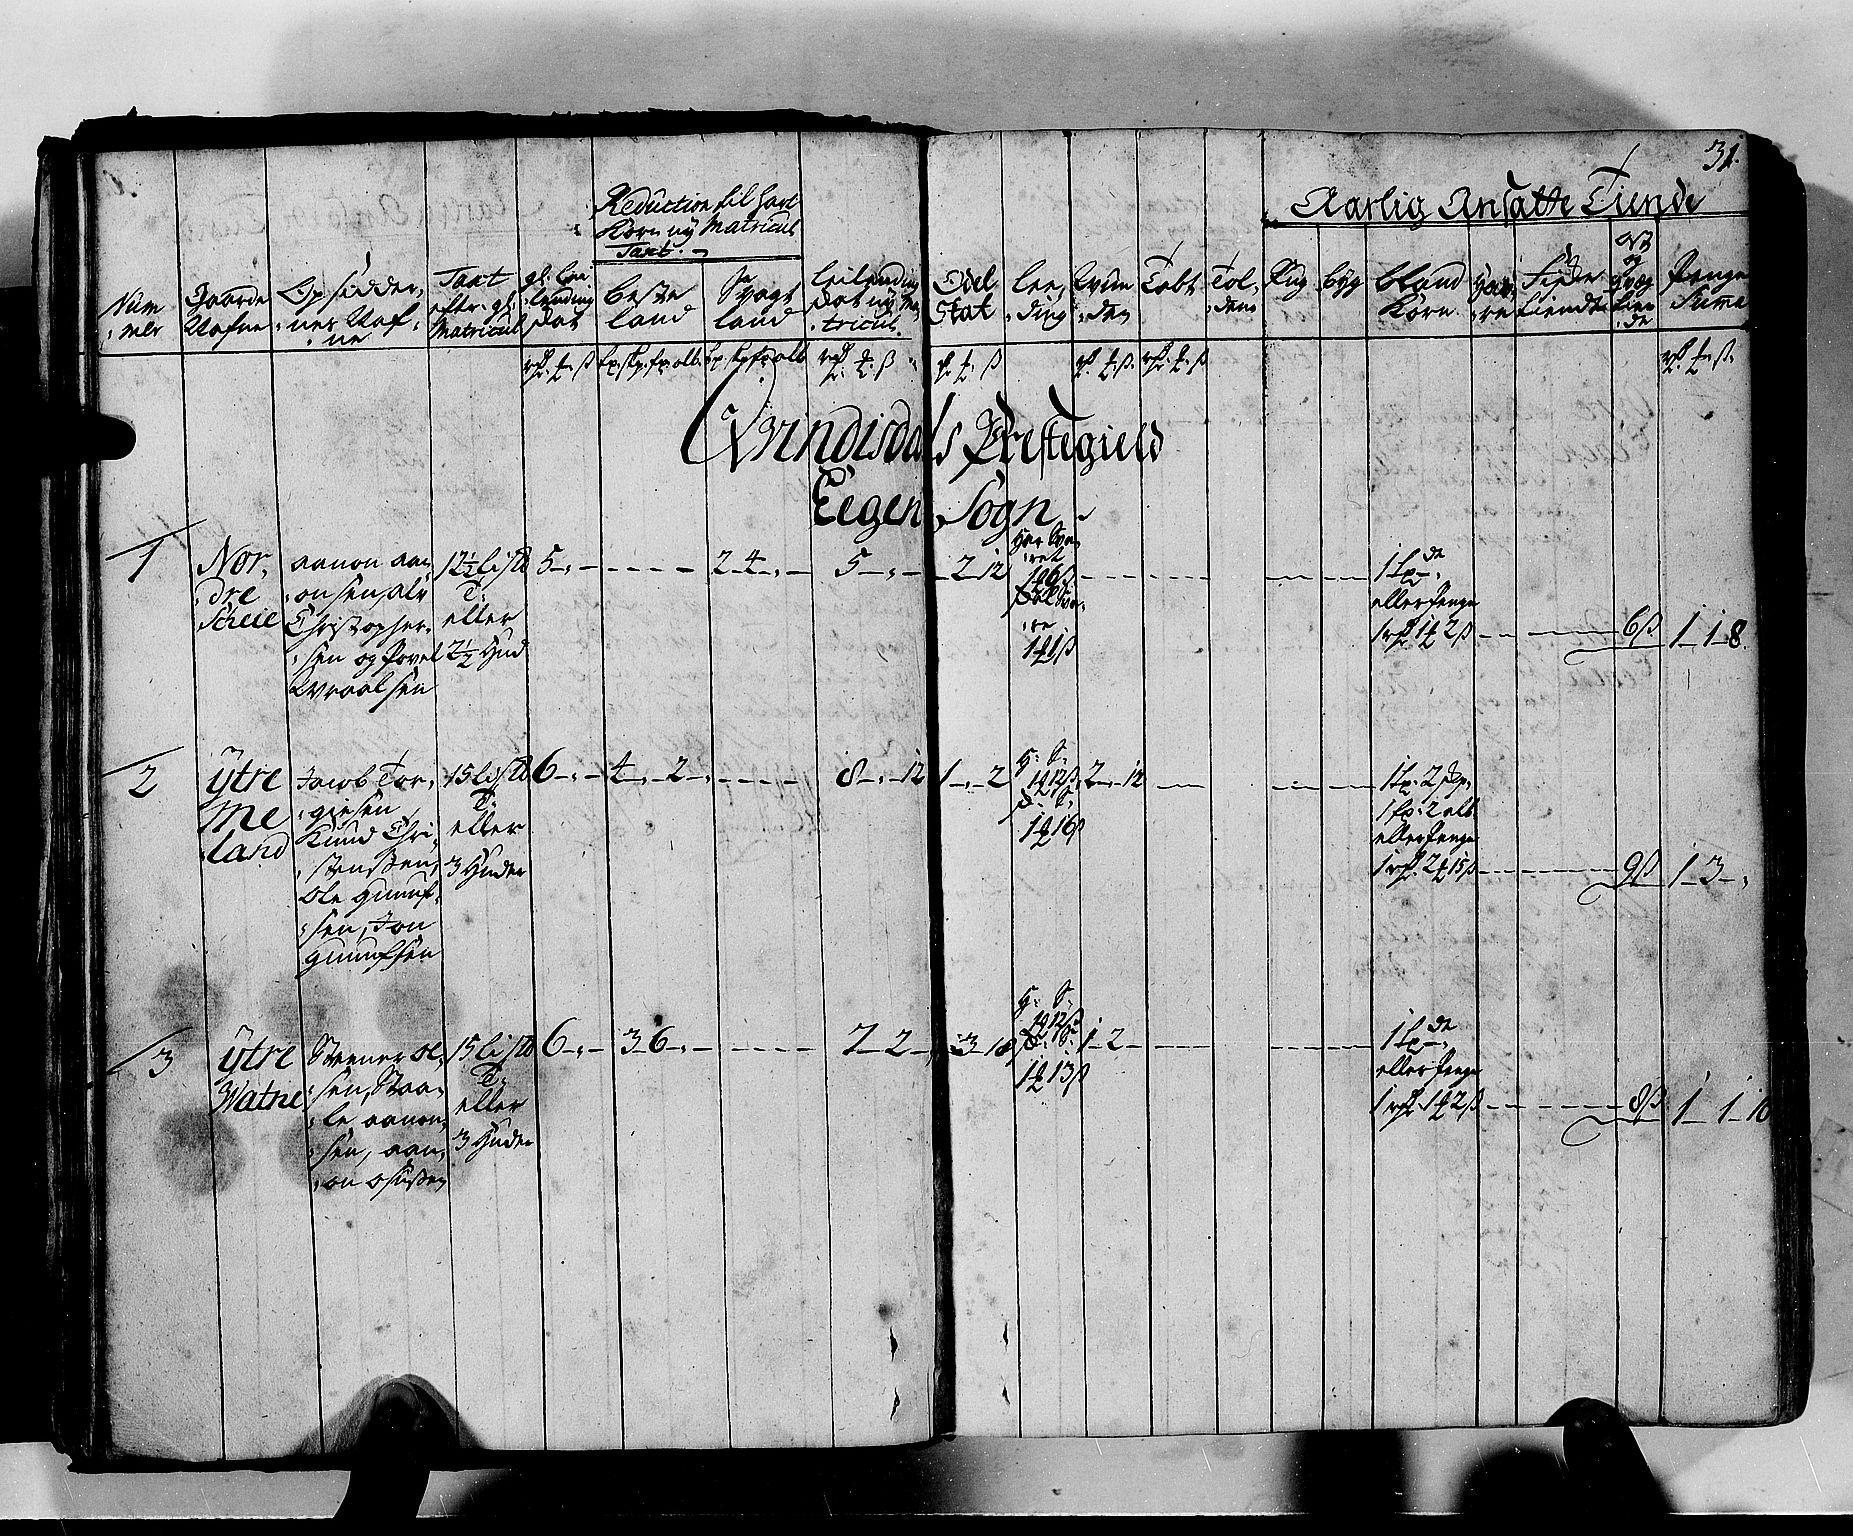 RA, Rentekammeret inntil 1814, Realistisk ordnet avdeling, N/Nb/Nbf/L0130: Lista matrikkelprotokoll, 1723, s. 30b-31a